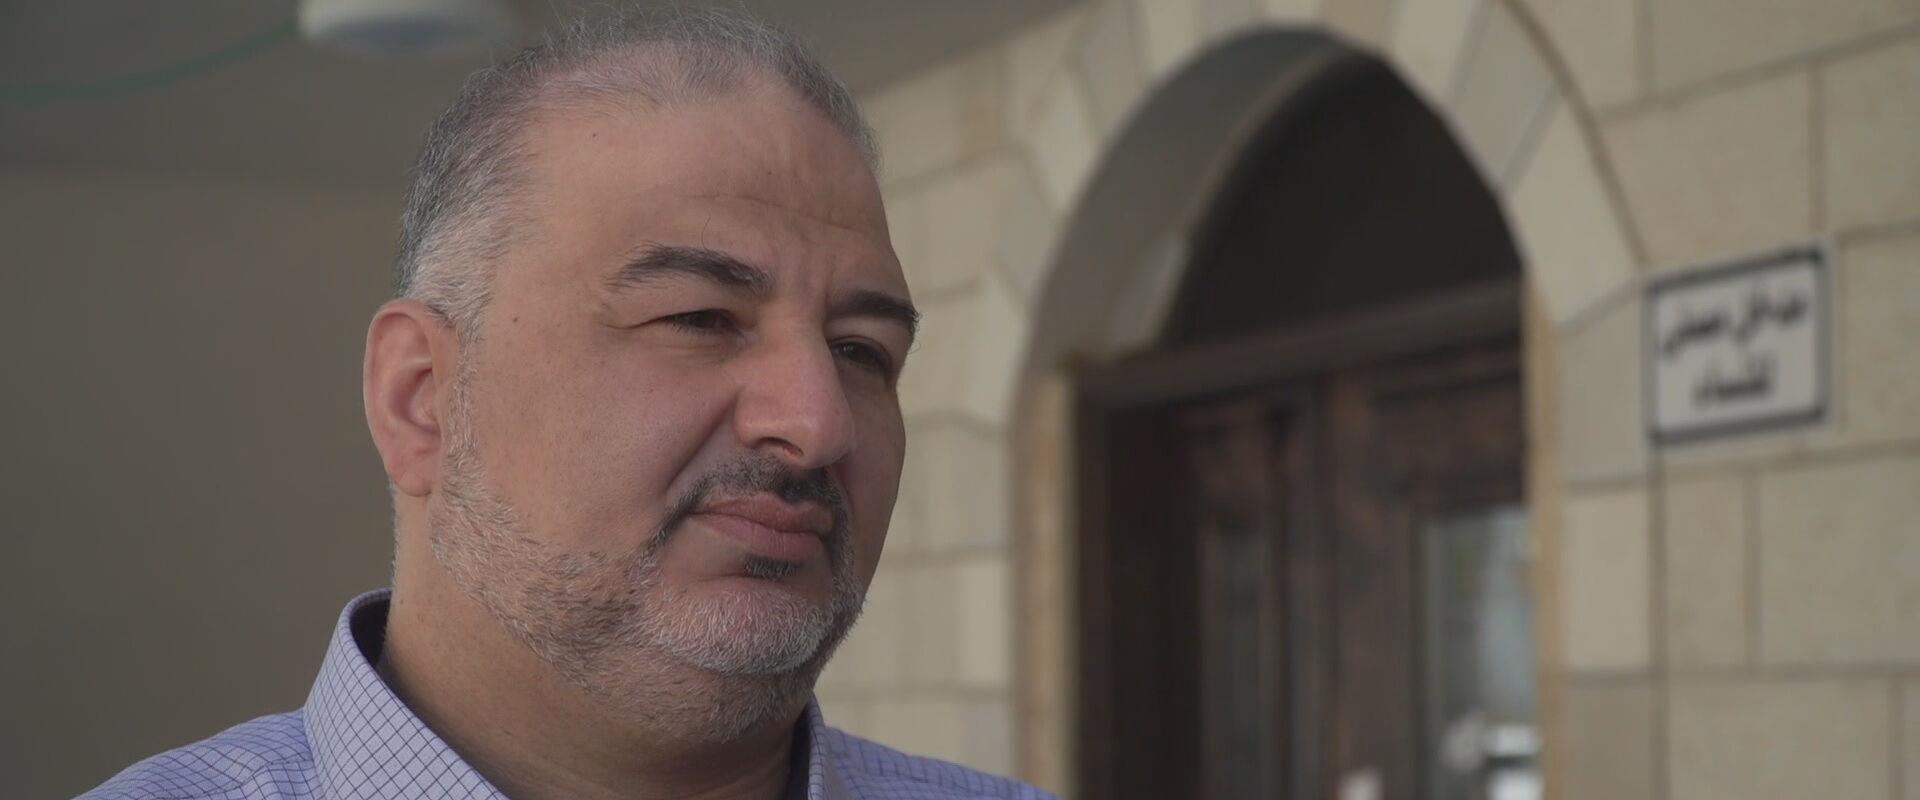 חבר הכנסת מנסור עבאס, ארכיון